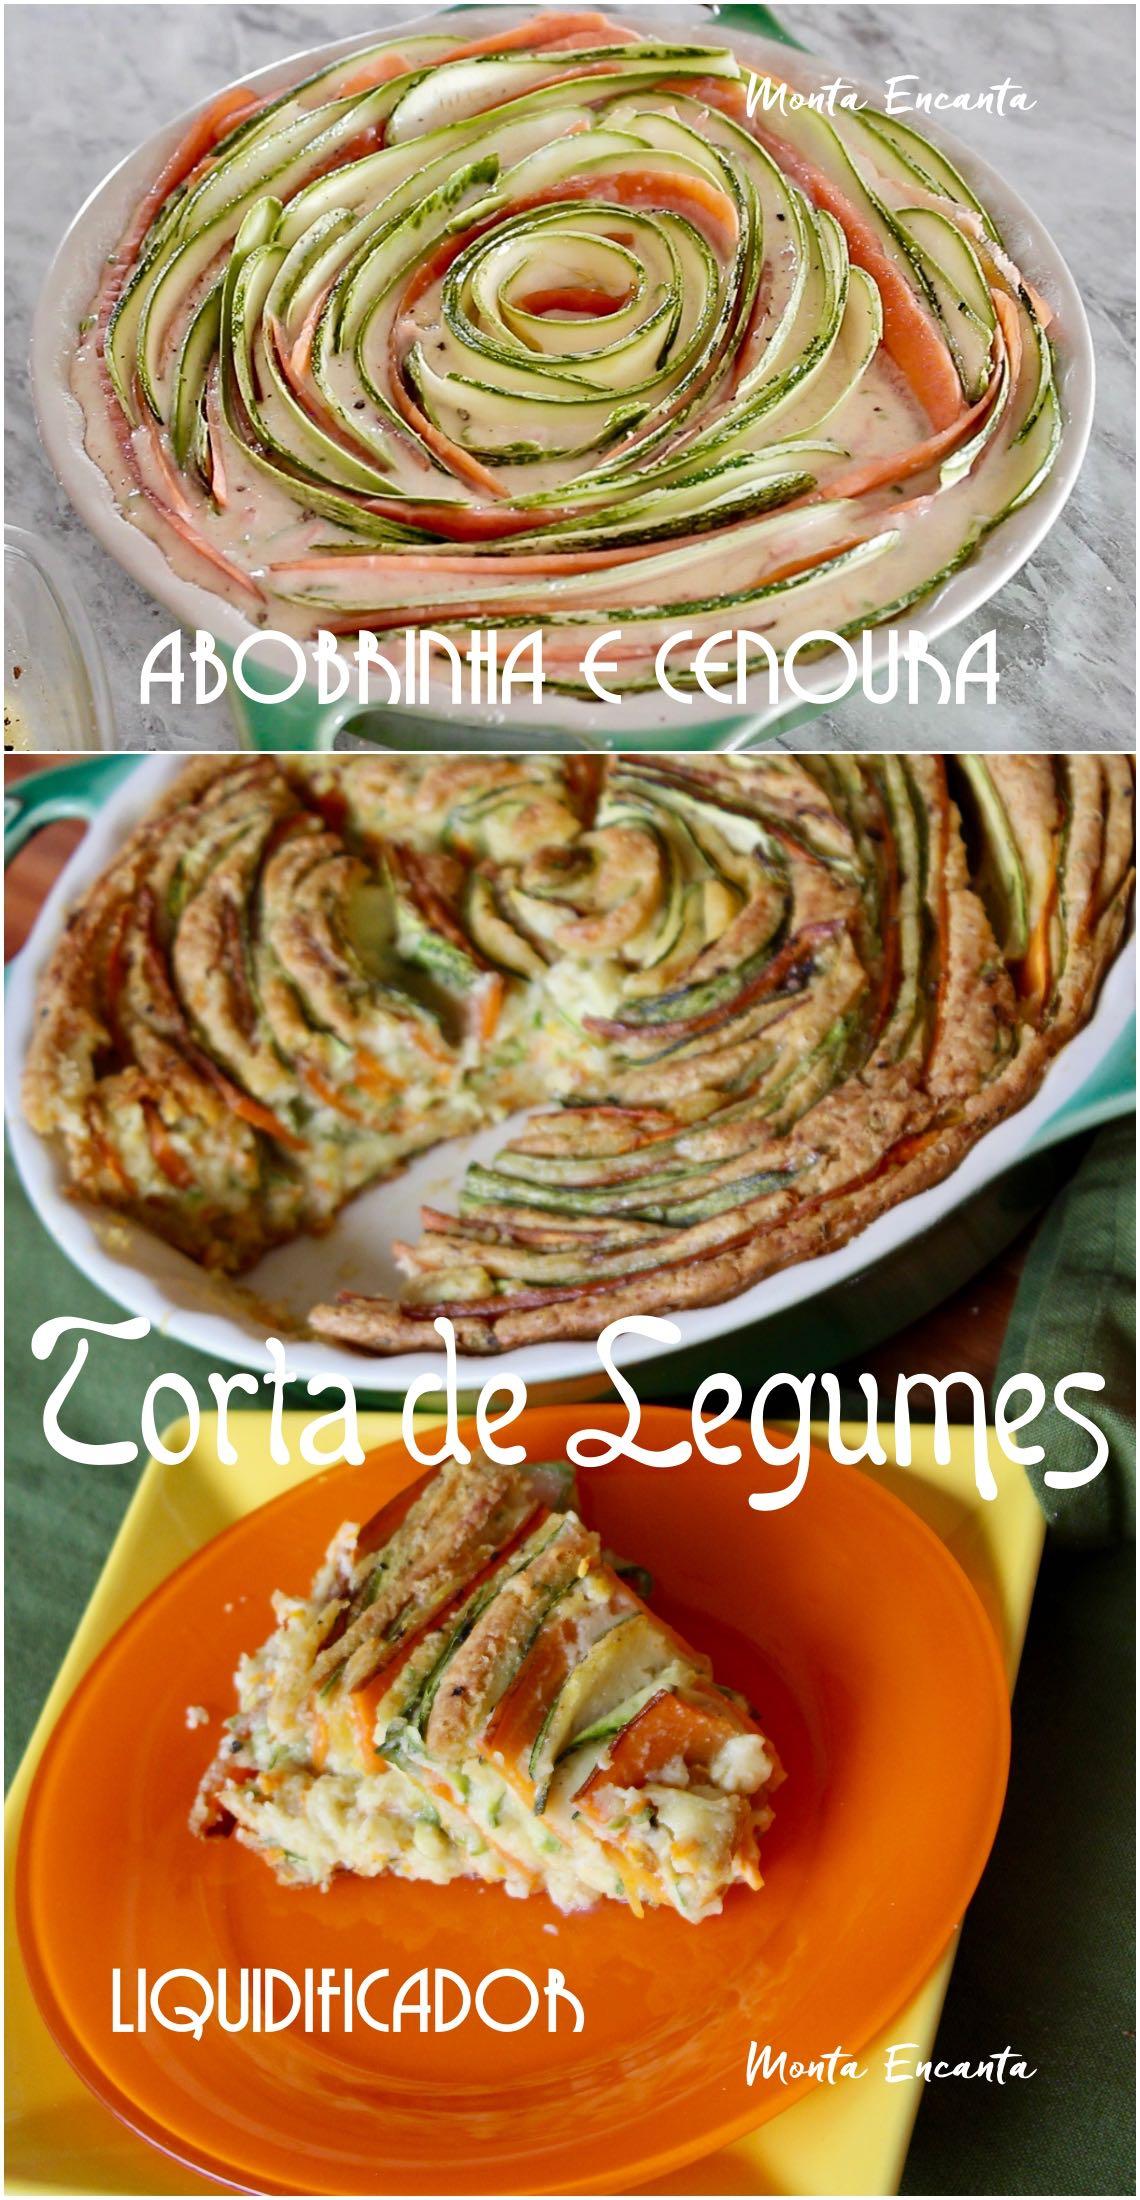 torta de legumes de abobrinha e cenoura